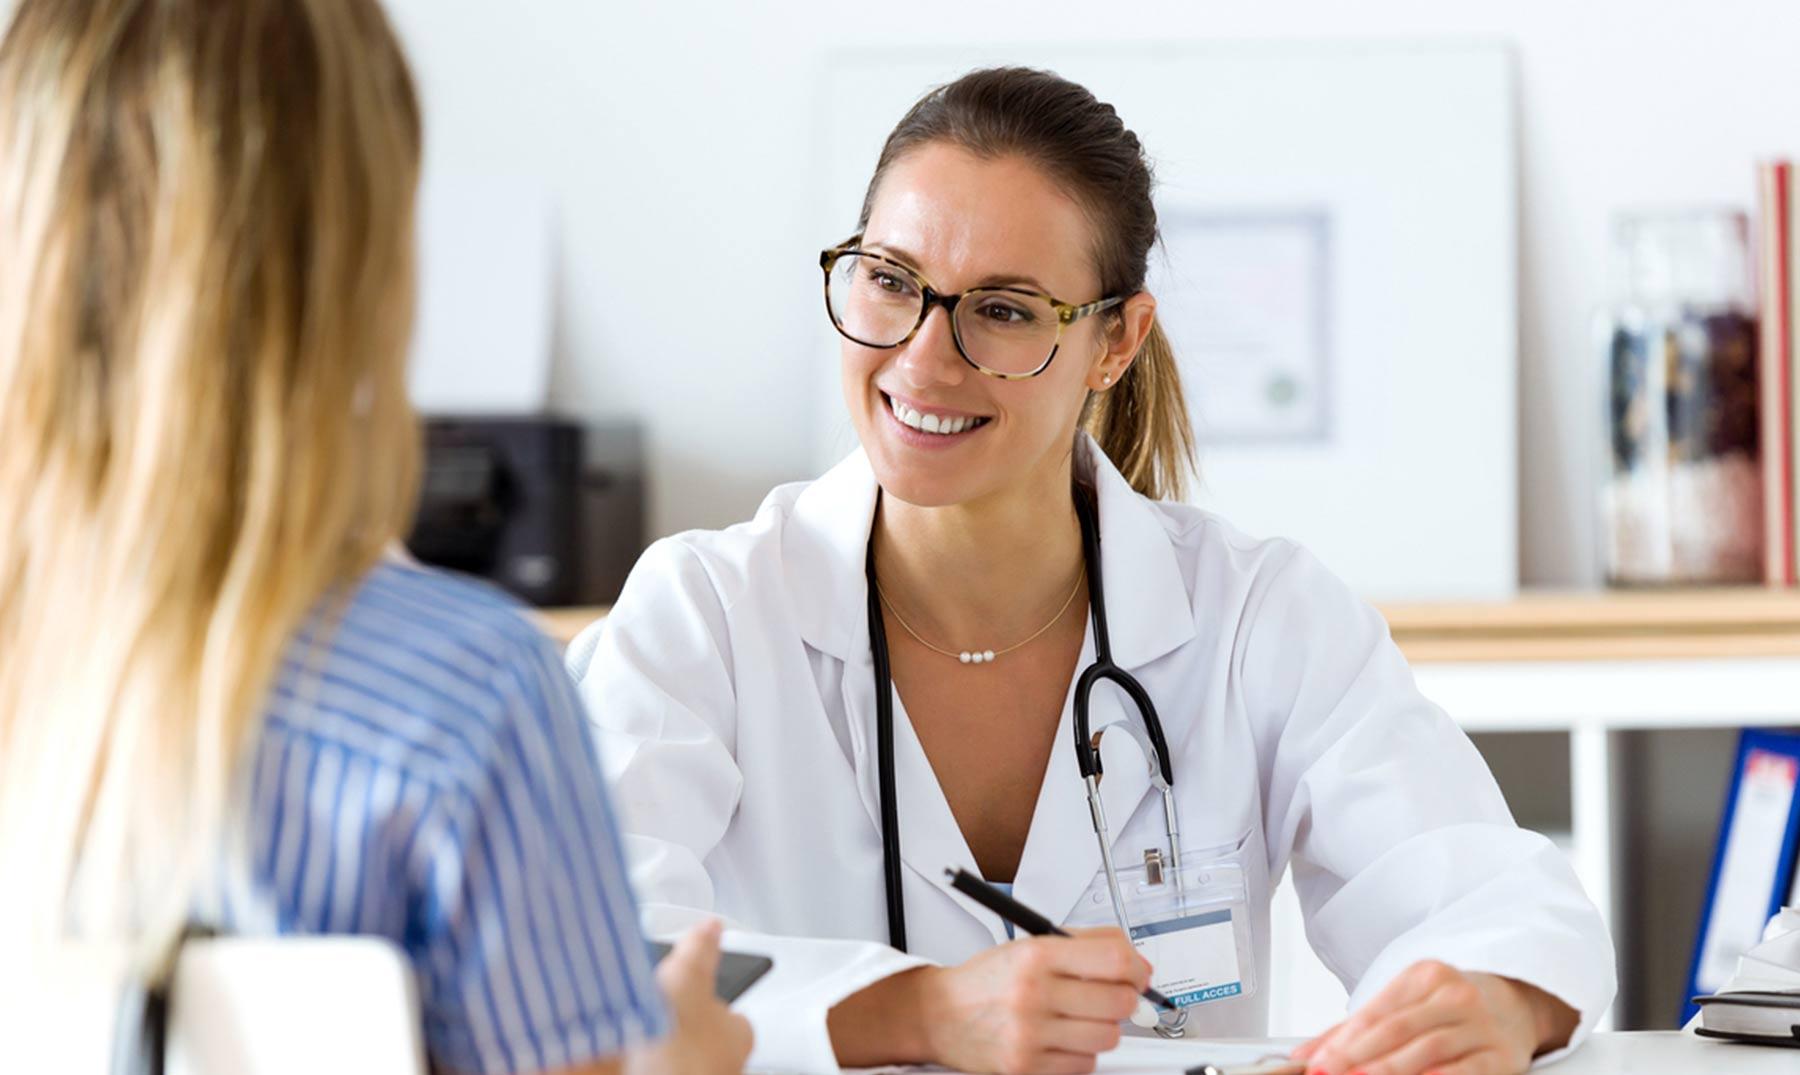 pruebas-medicas-para-visa-de-estudiante